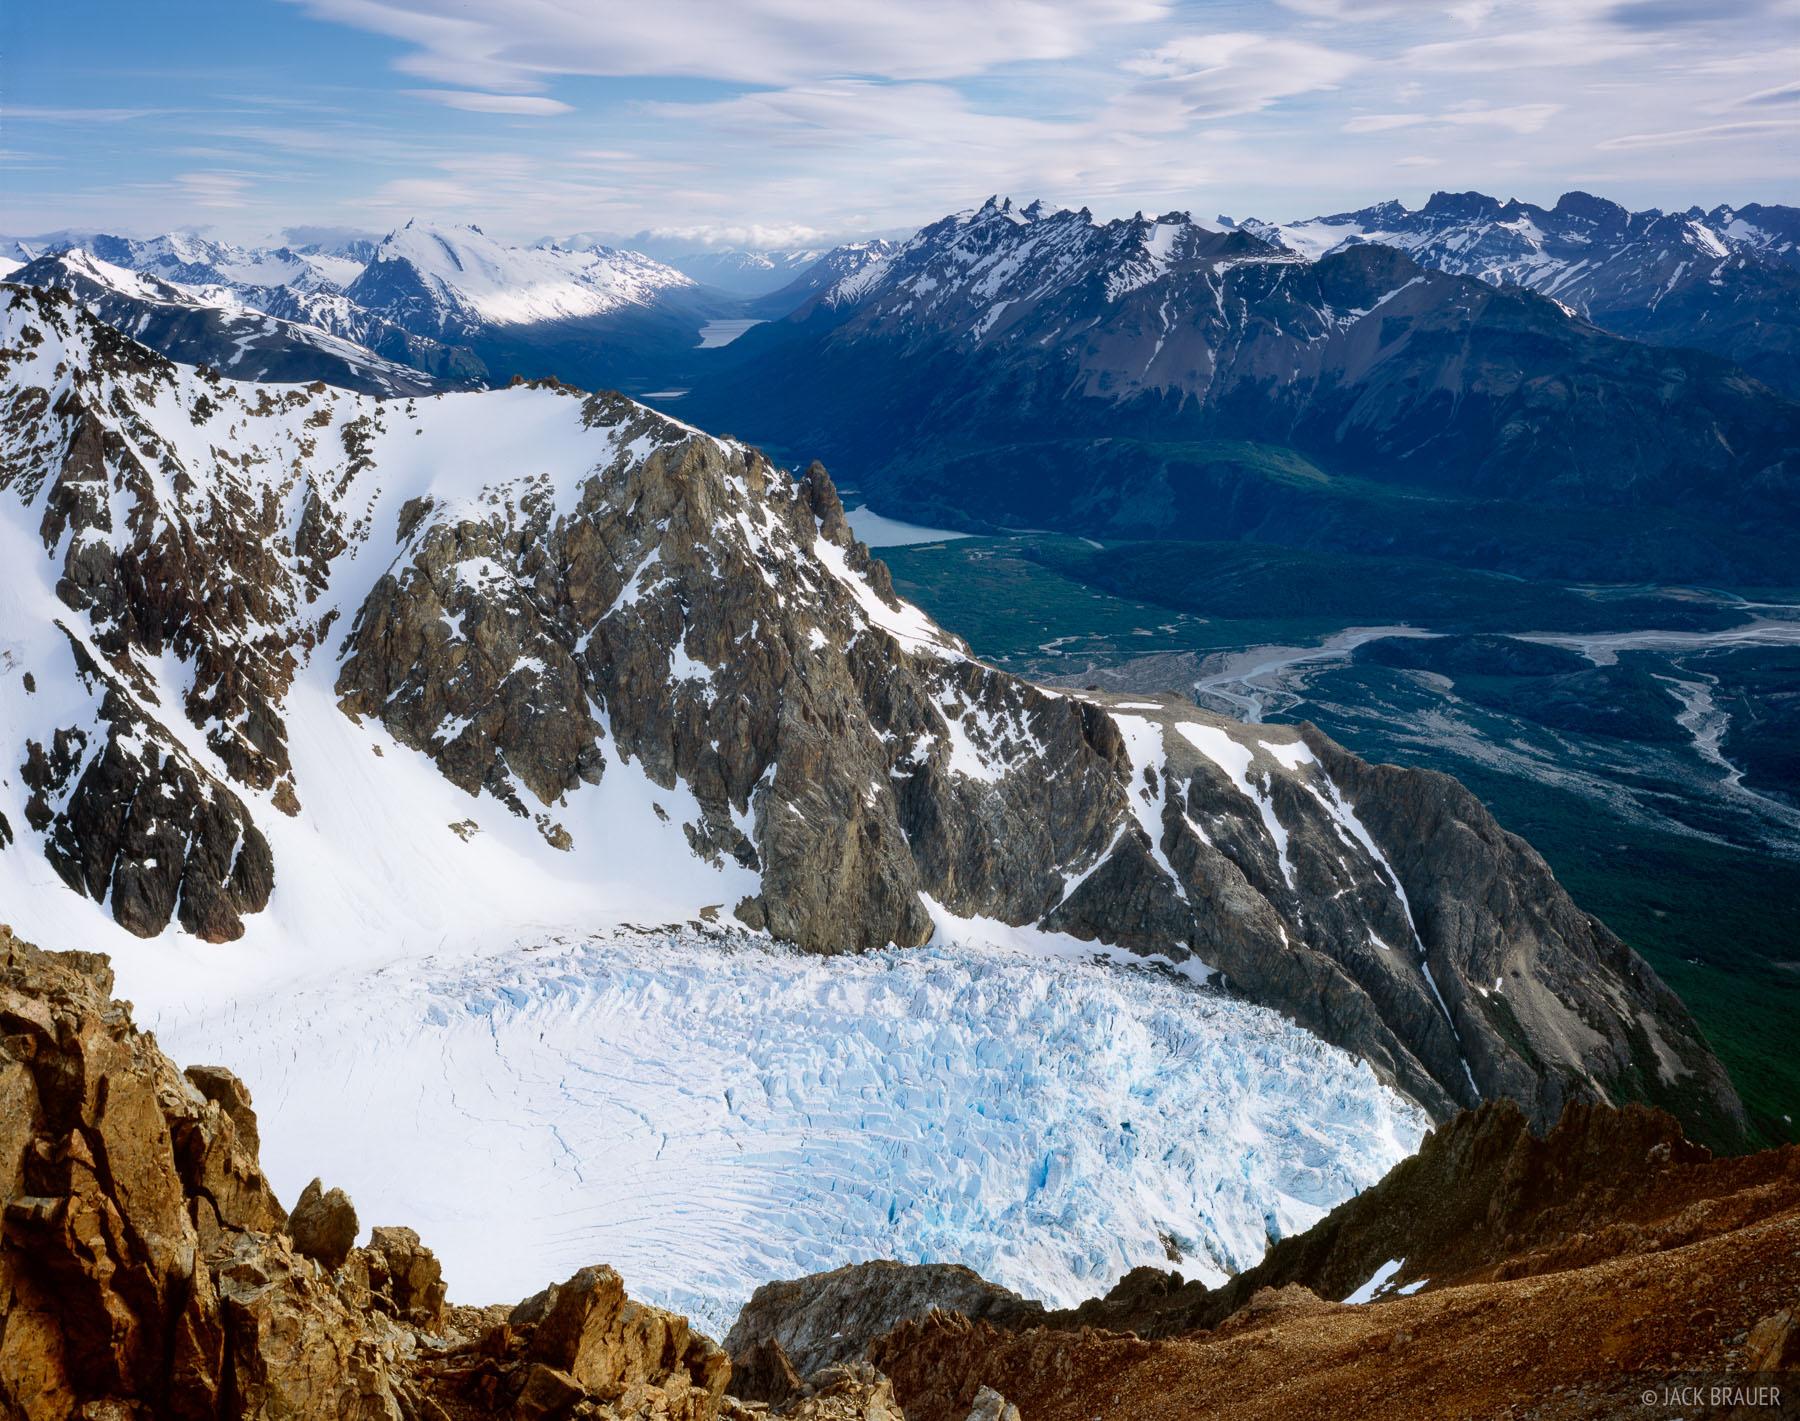 Glaciar Piedras Blancas, Parque Nacional los Glaciares, Patagonia, Argentina, photo